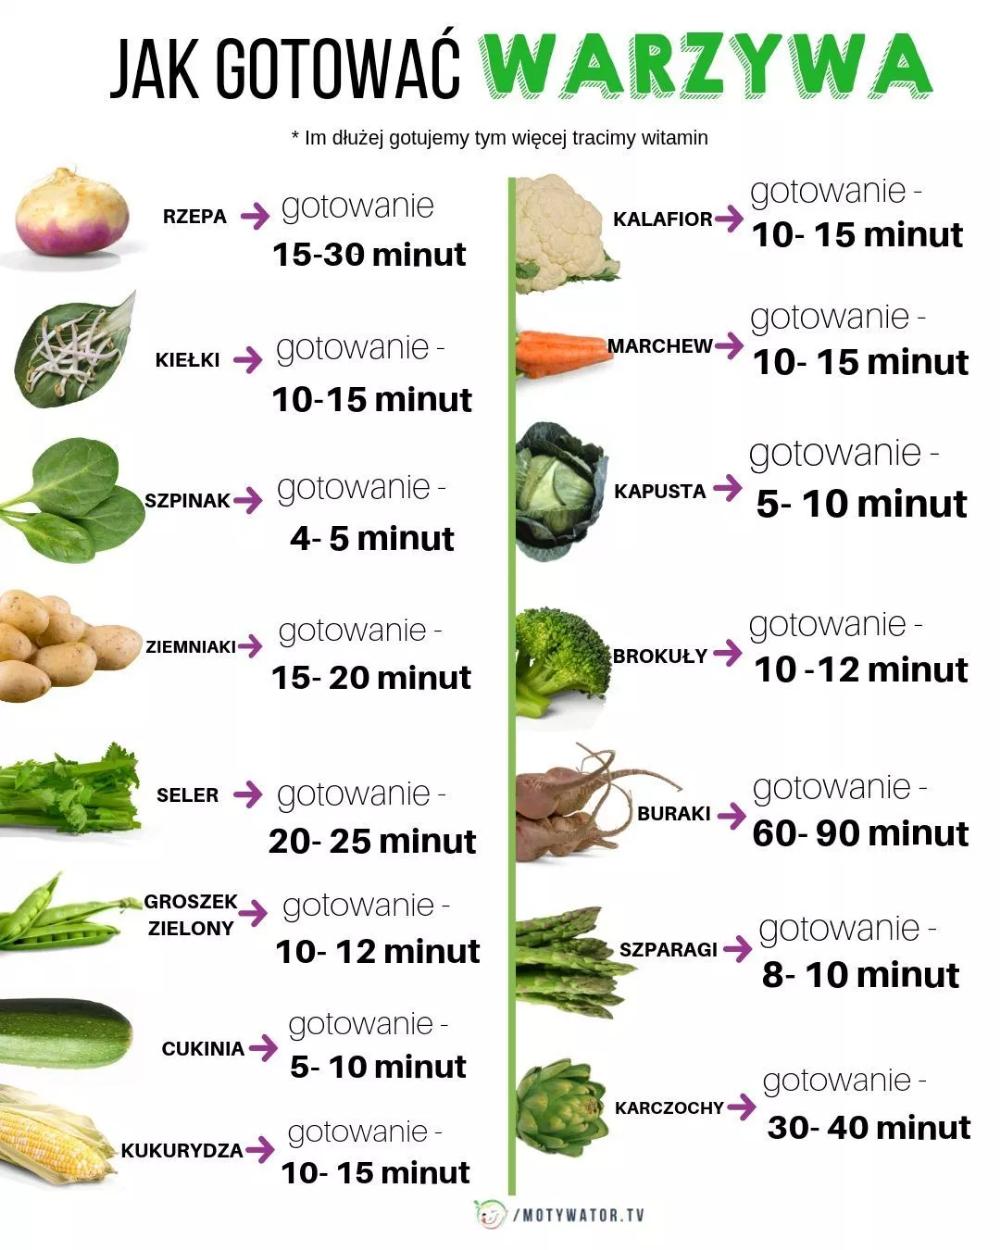 5 Zasad Gotowania Warzyw Dzieki Ktorym Totalnie Je Pokochasz Ile Gotowac Warzywa Food Advice Workout Food Health Food